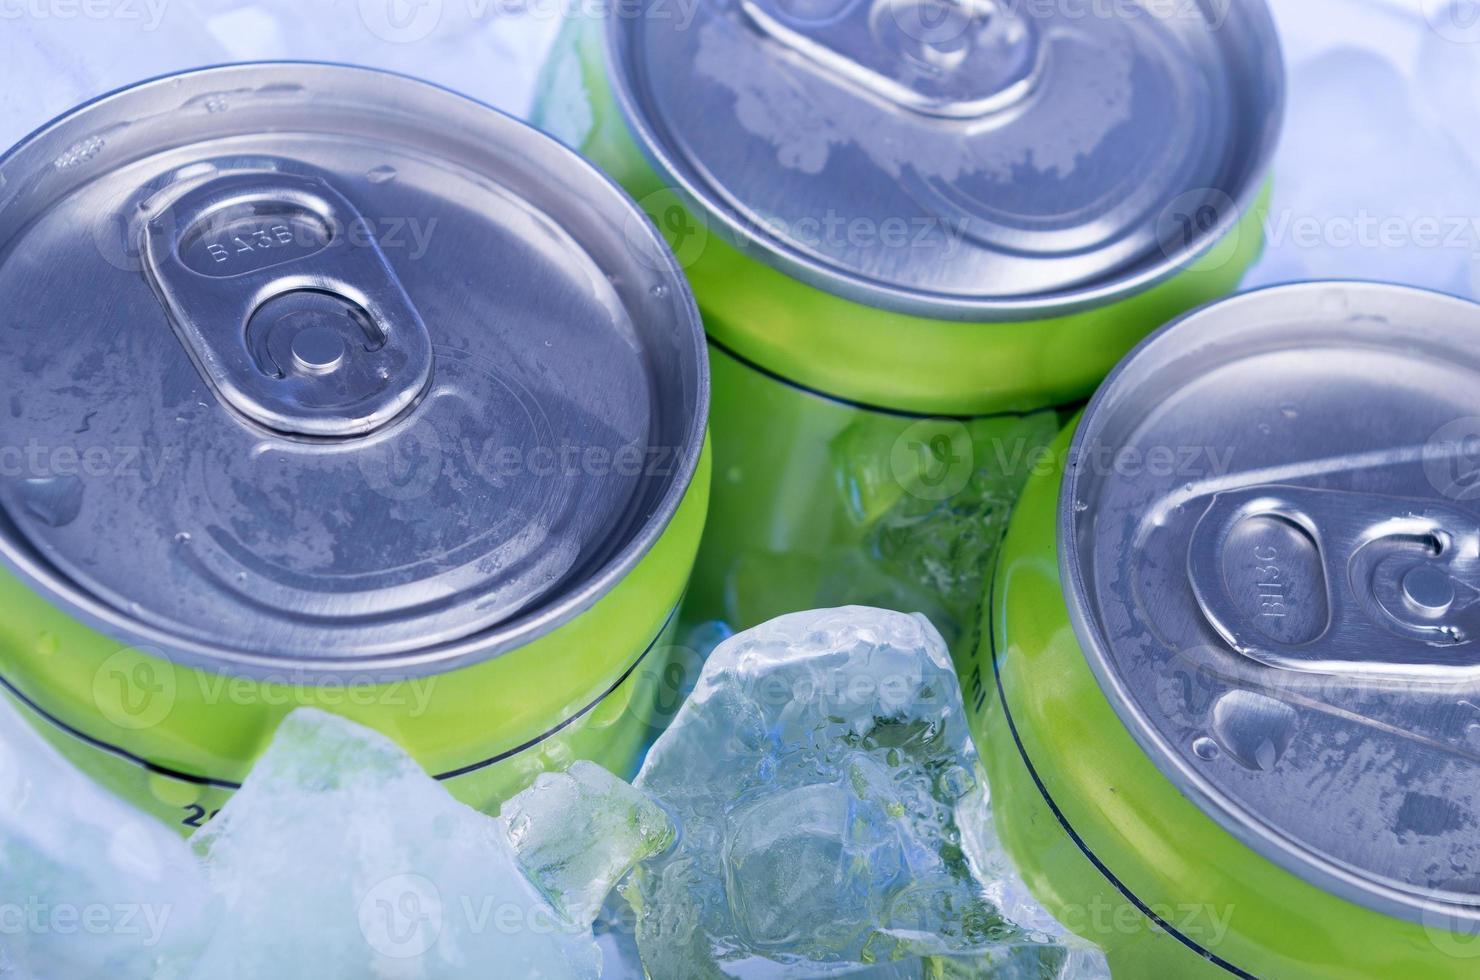 canette de soda verte dans de la glace pilée photo